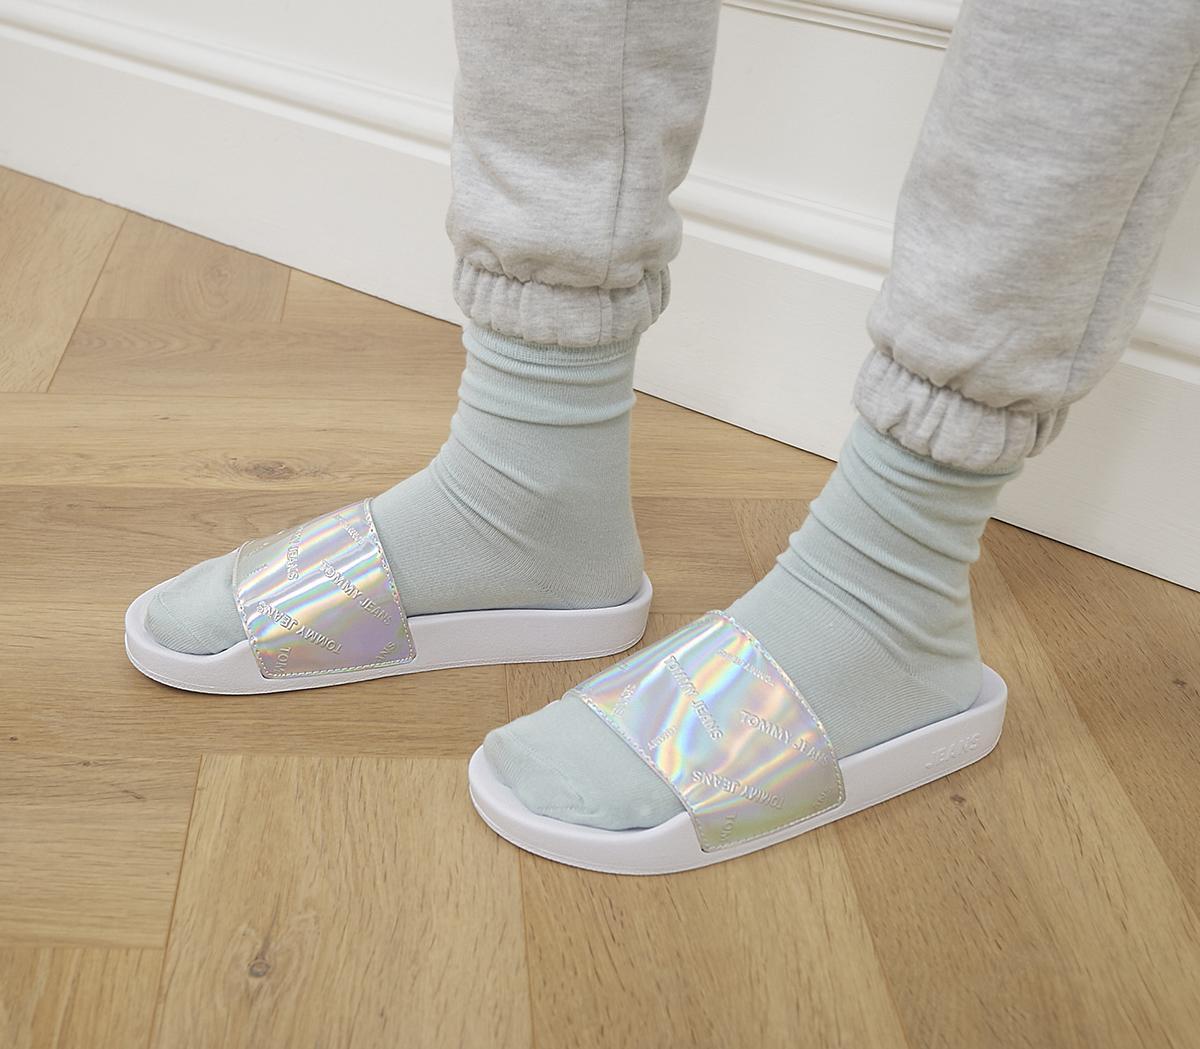 Tommy Jeans Pool Slides